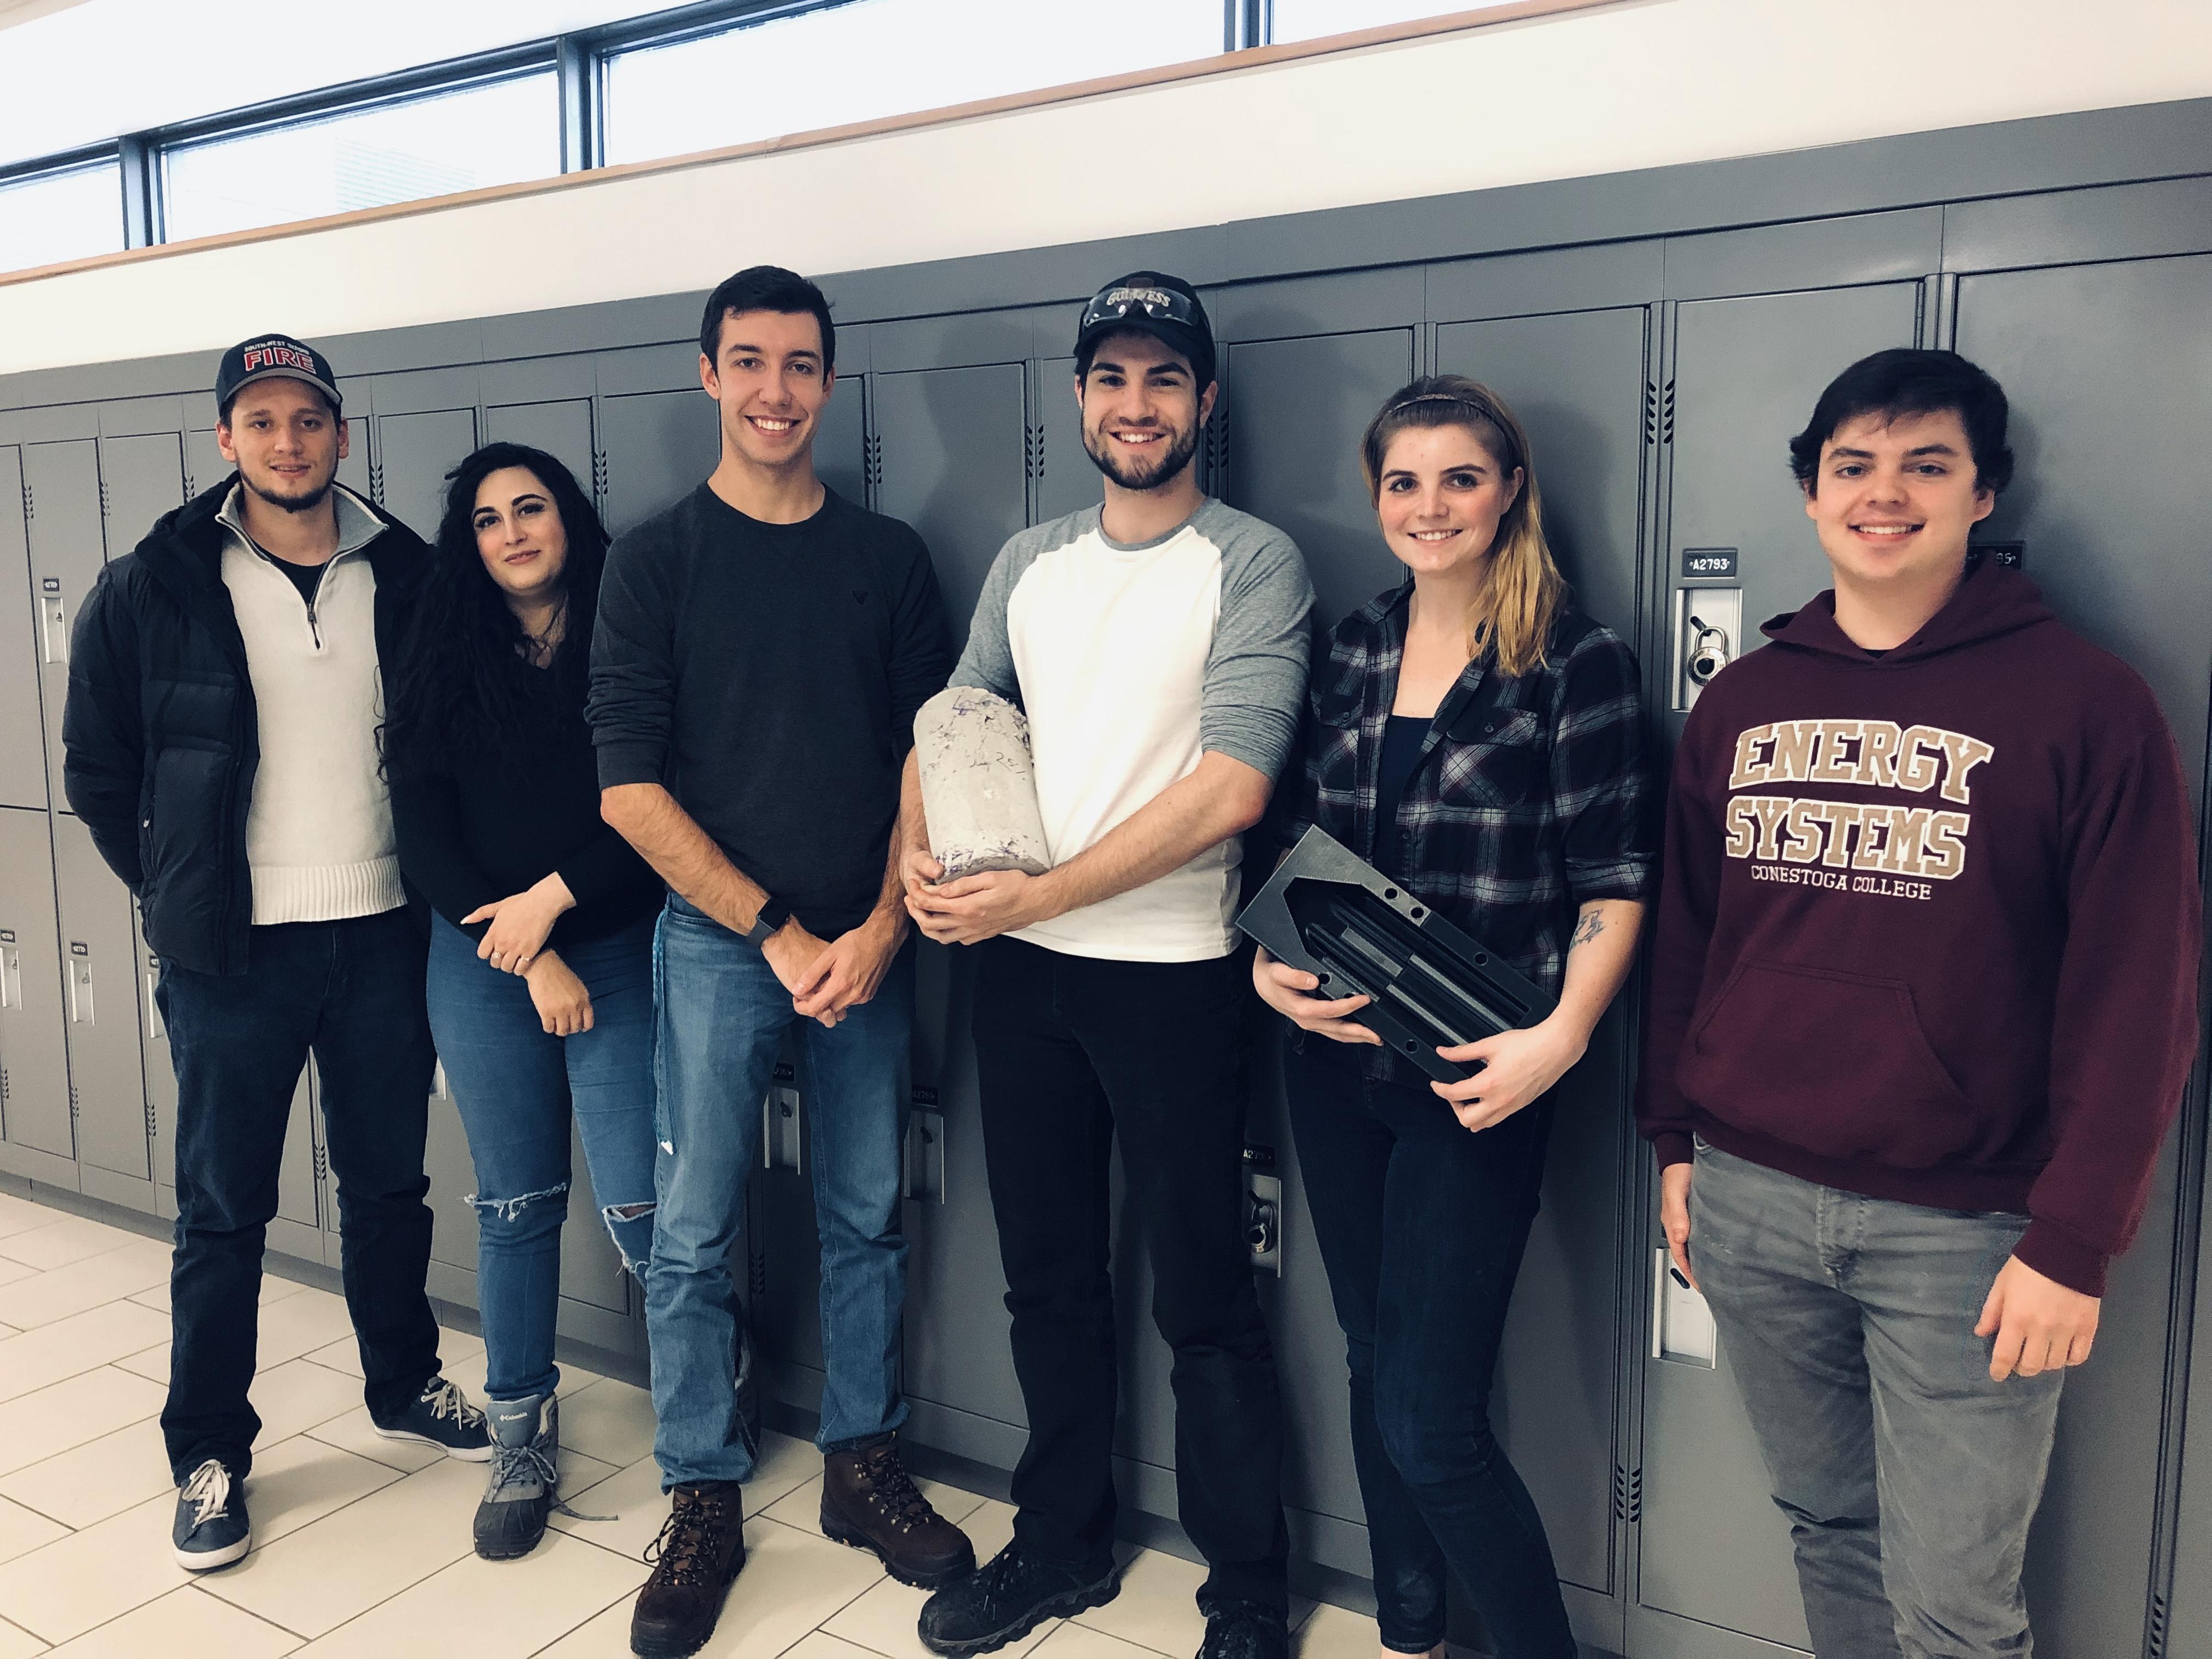 Conestoga College_2019 GNCTR team.jpg